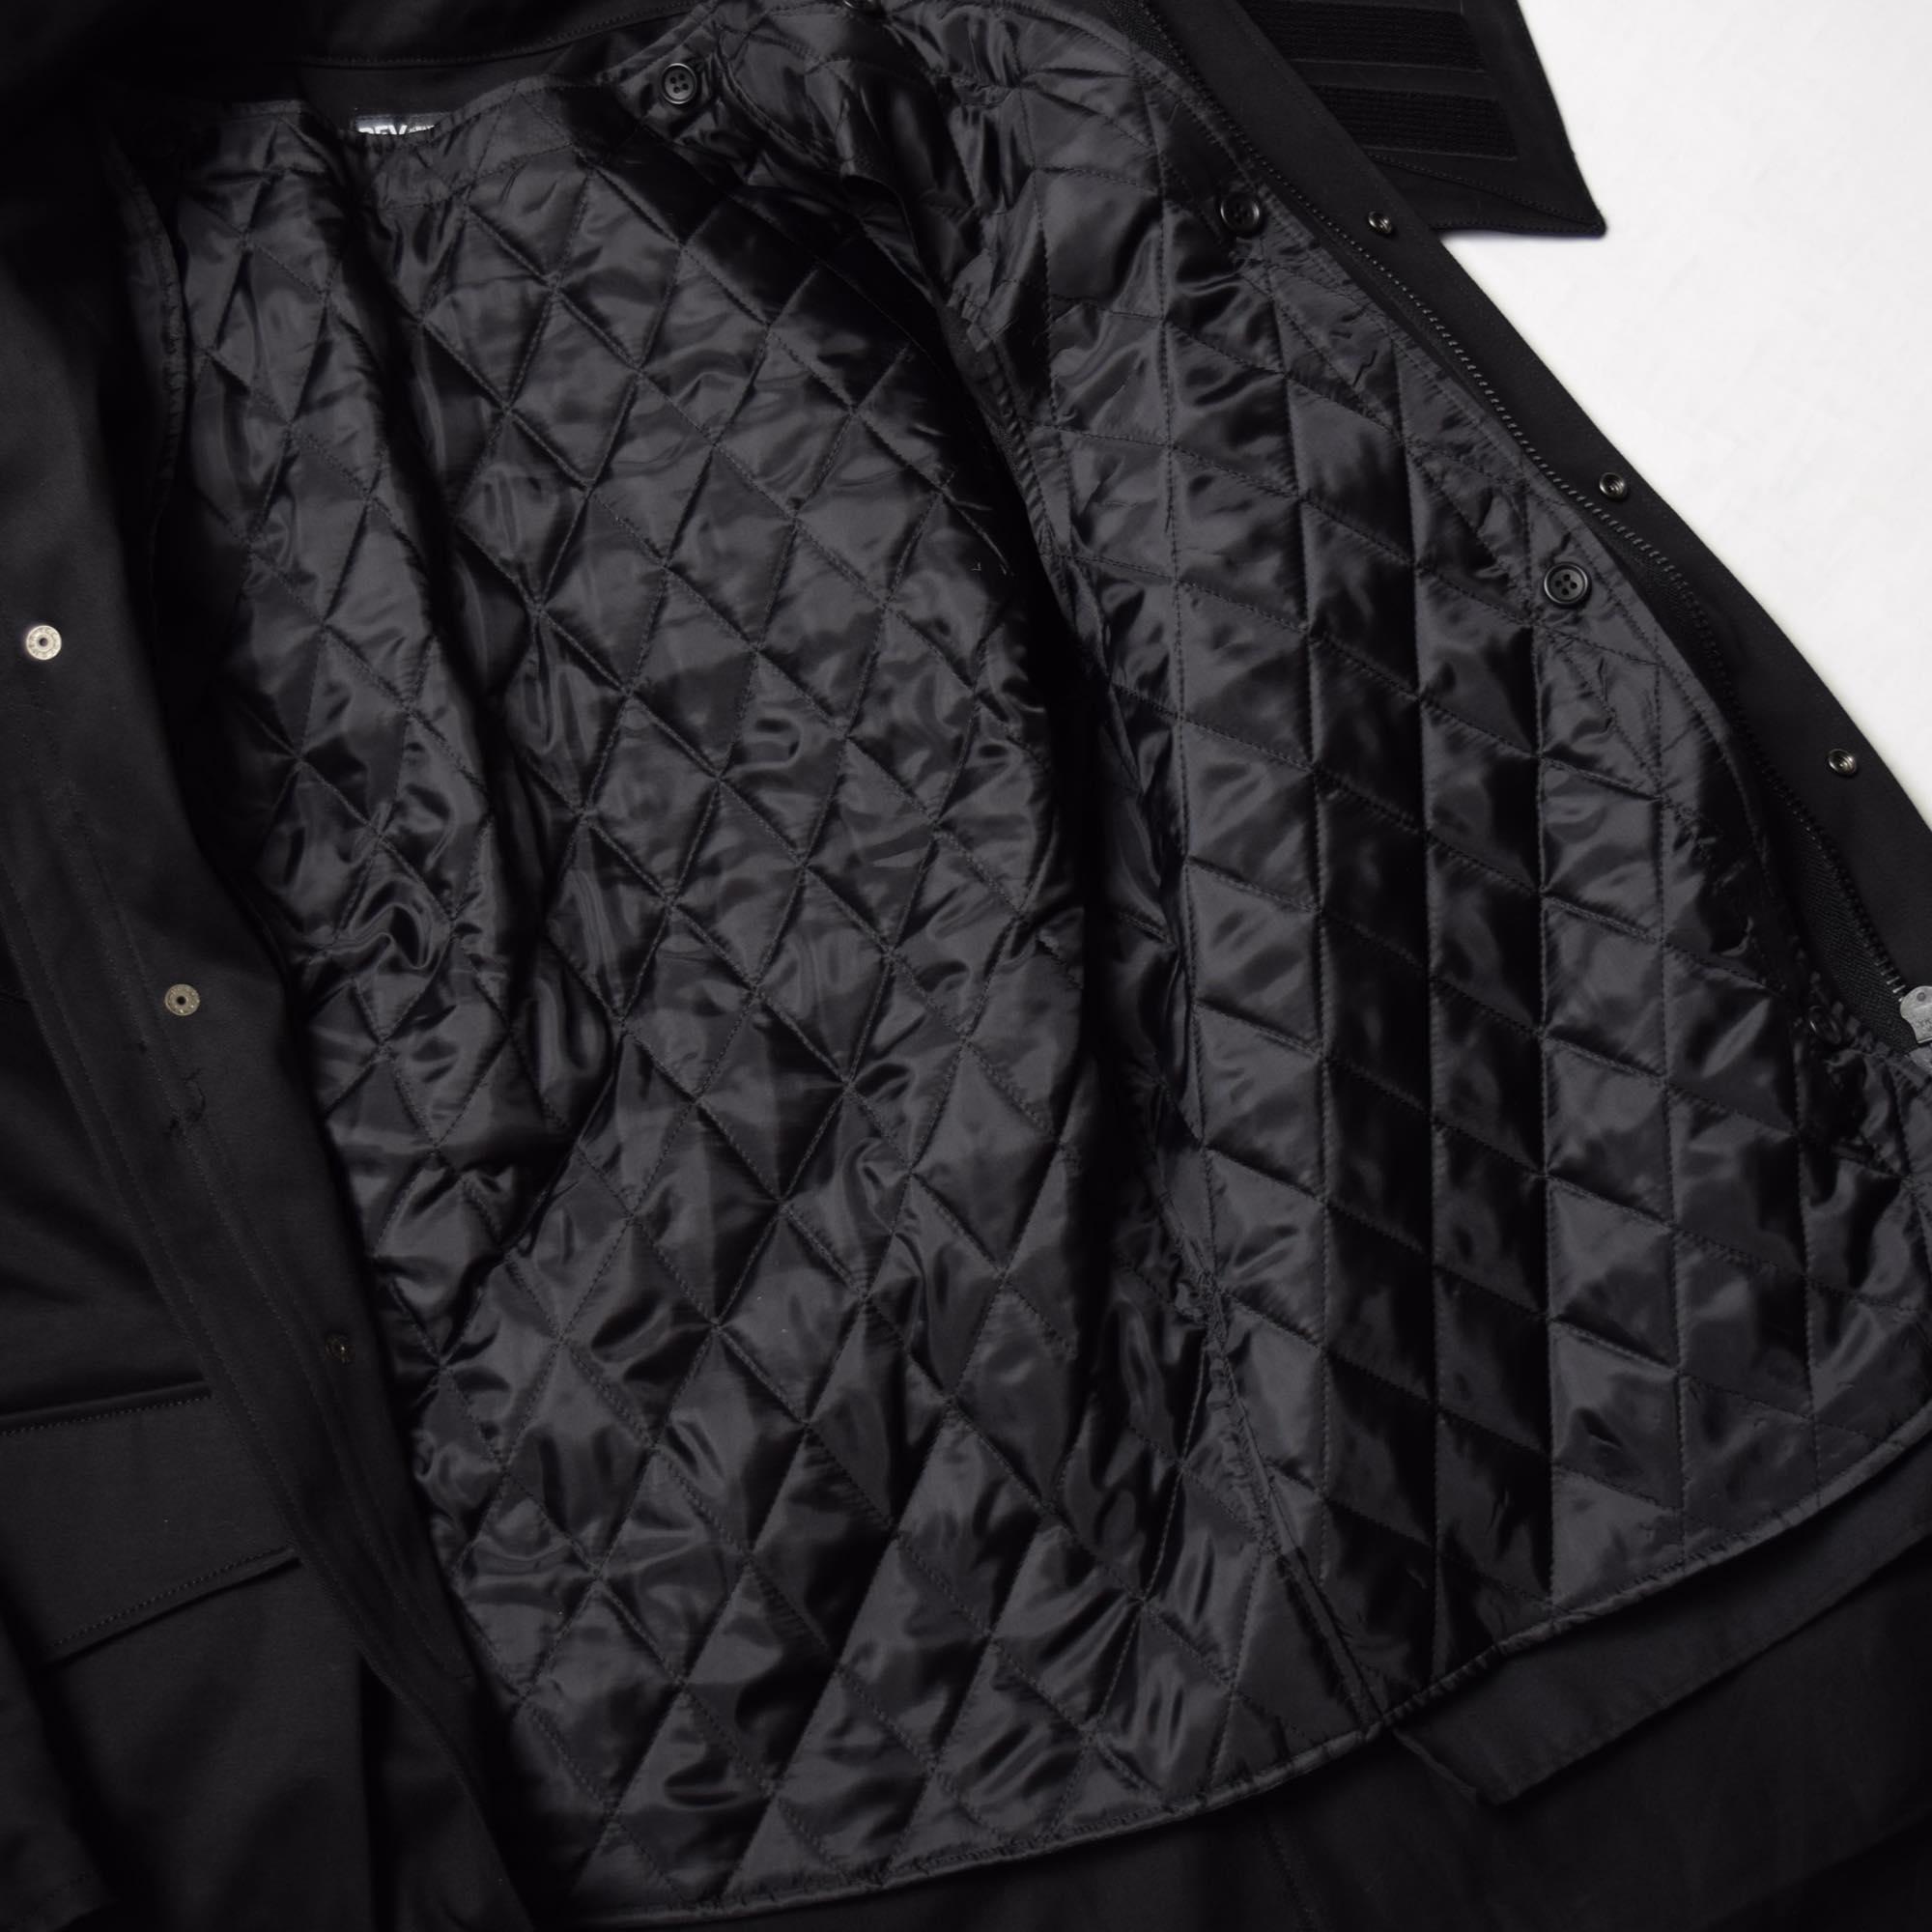 coat_blk007